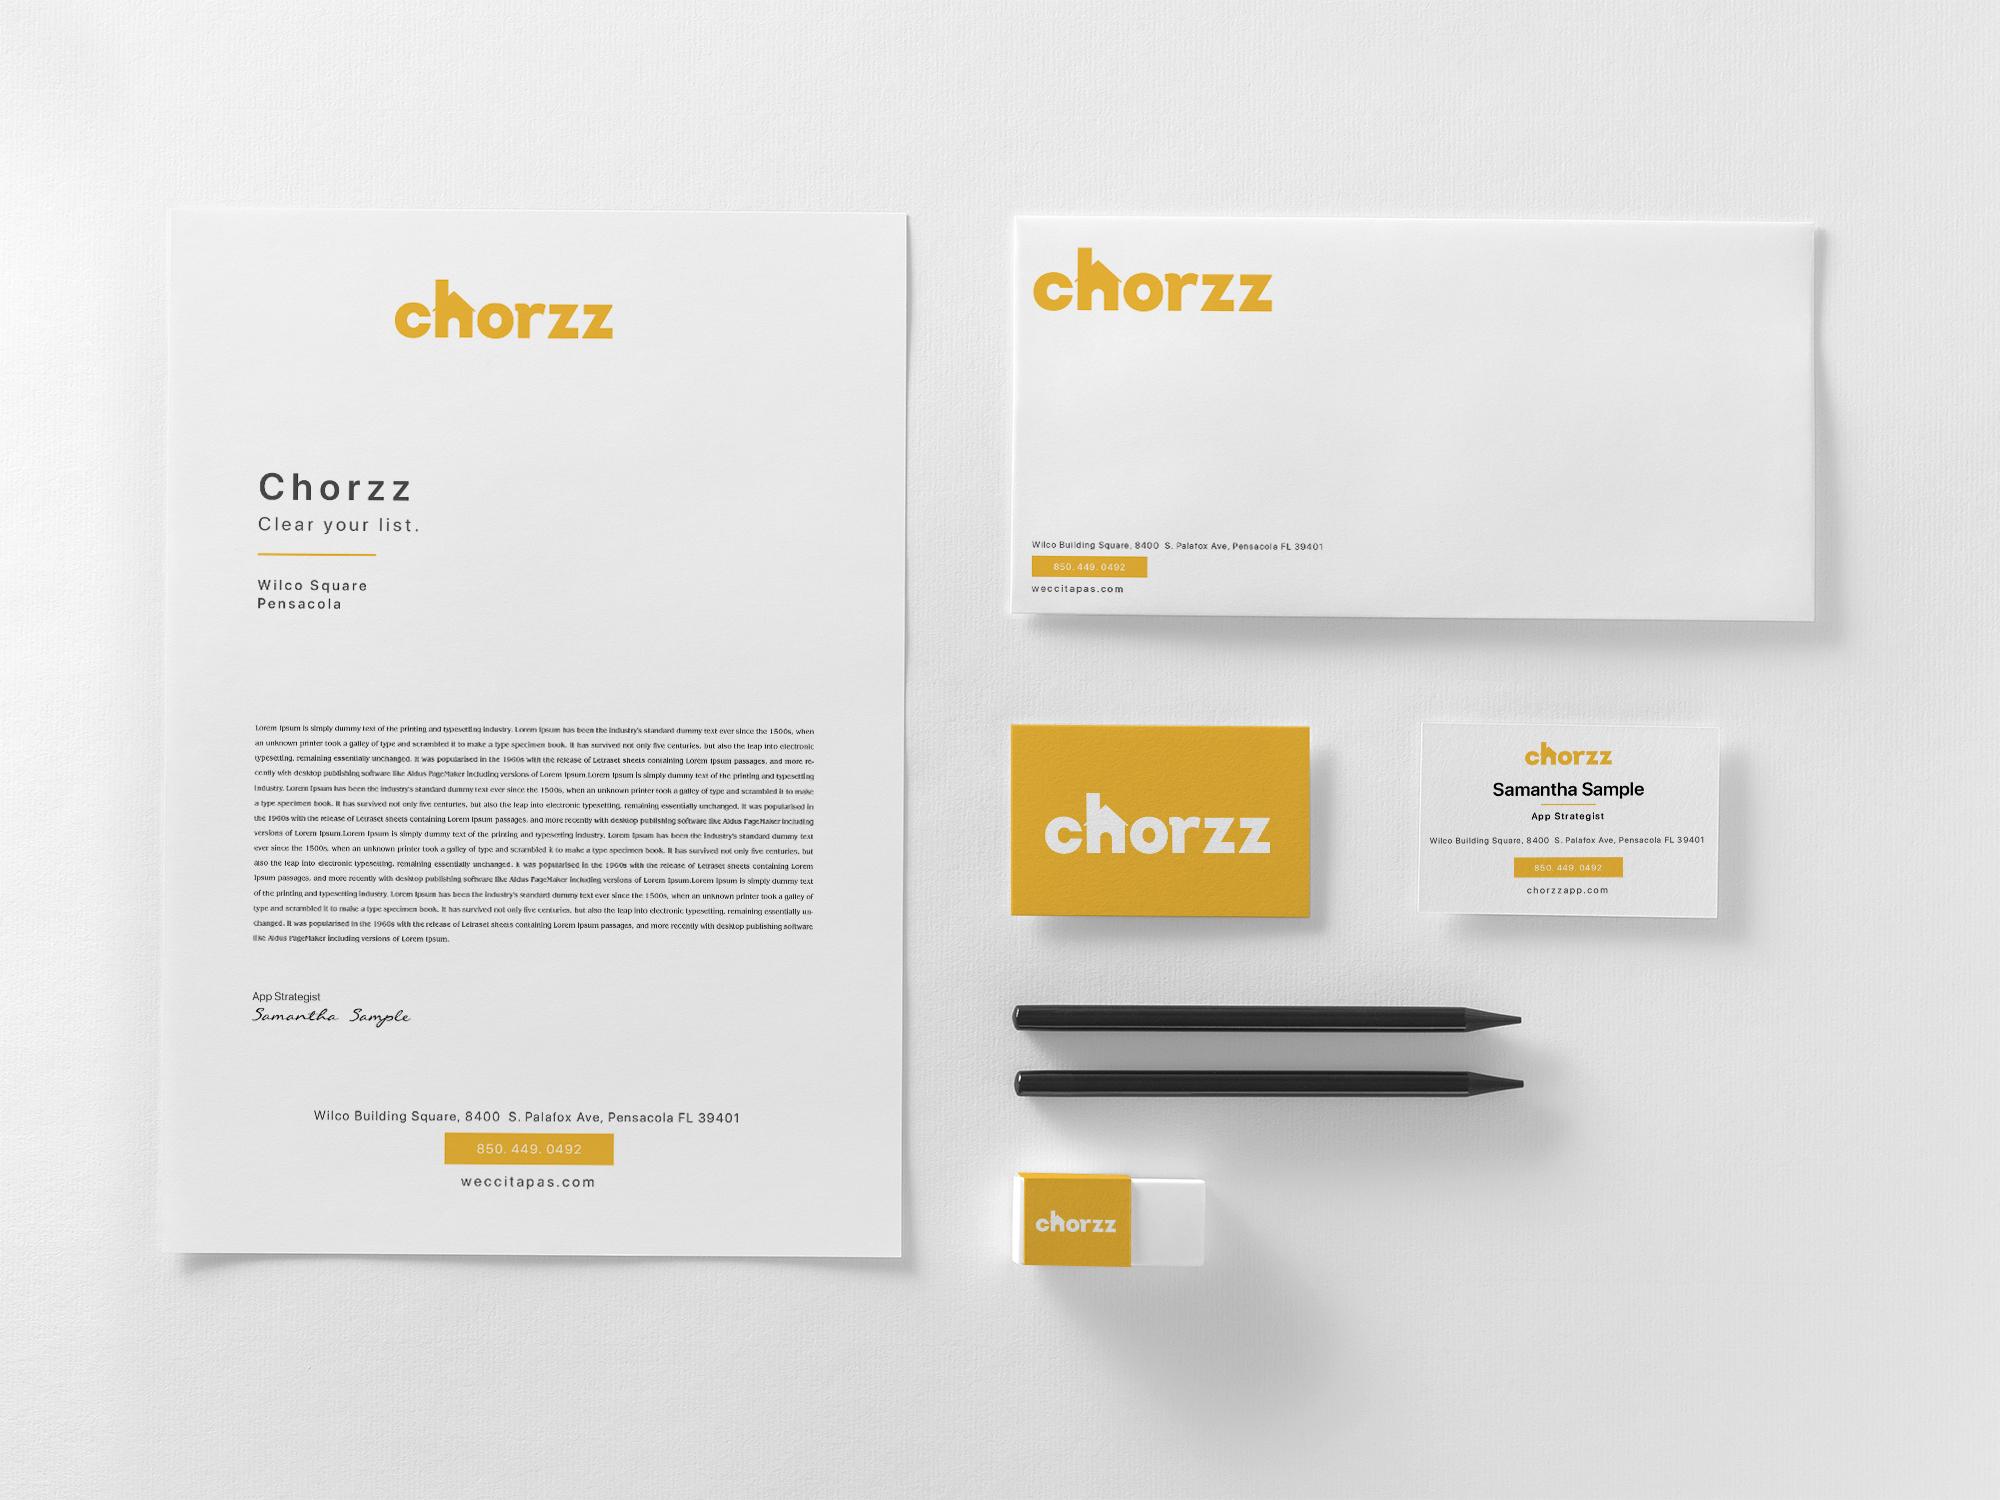 chorzz-print-small